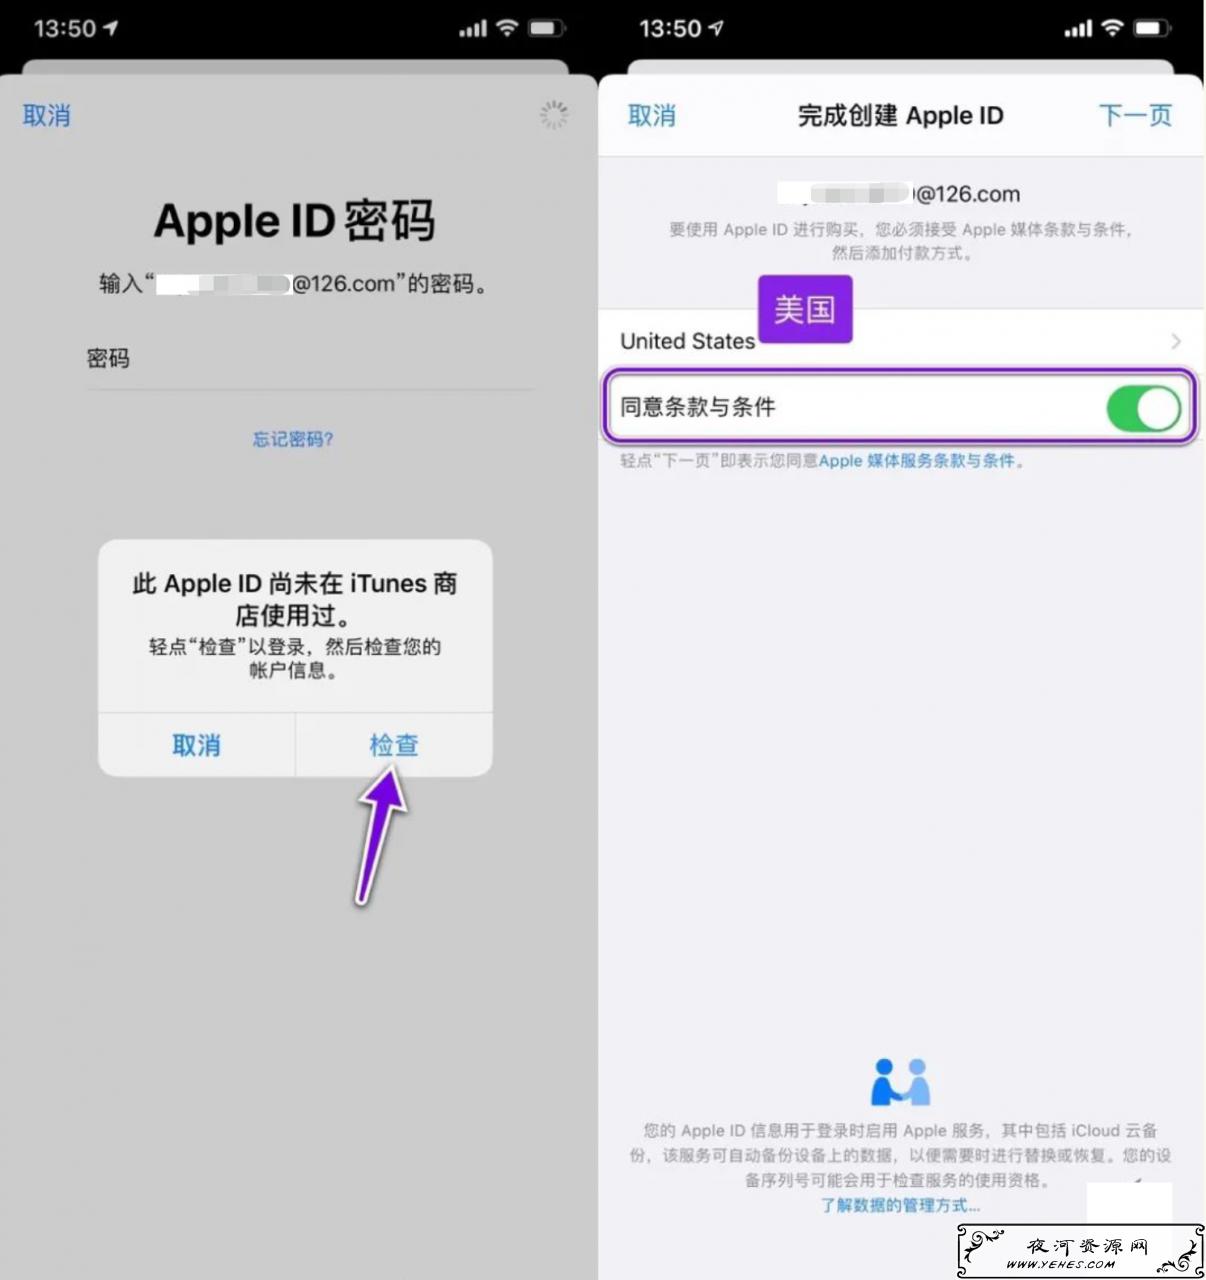 免费注册美国美区Apple ID的方法